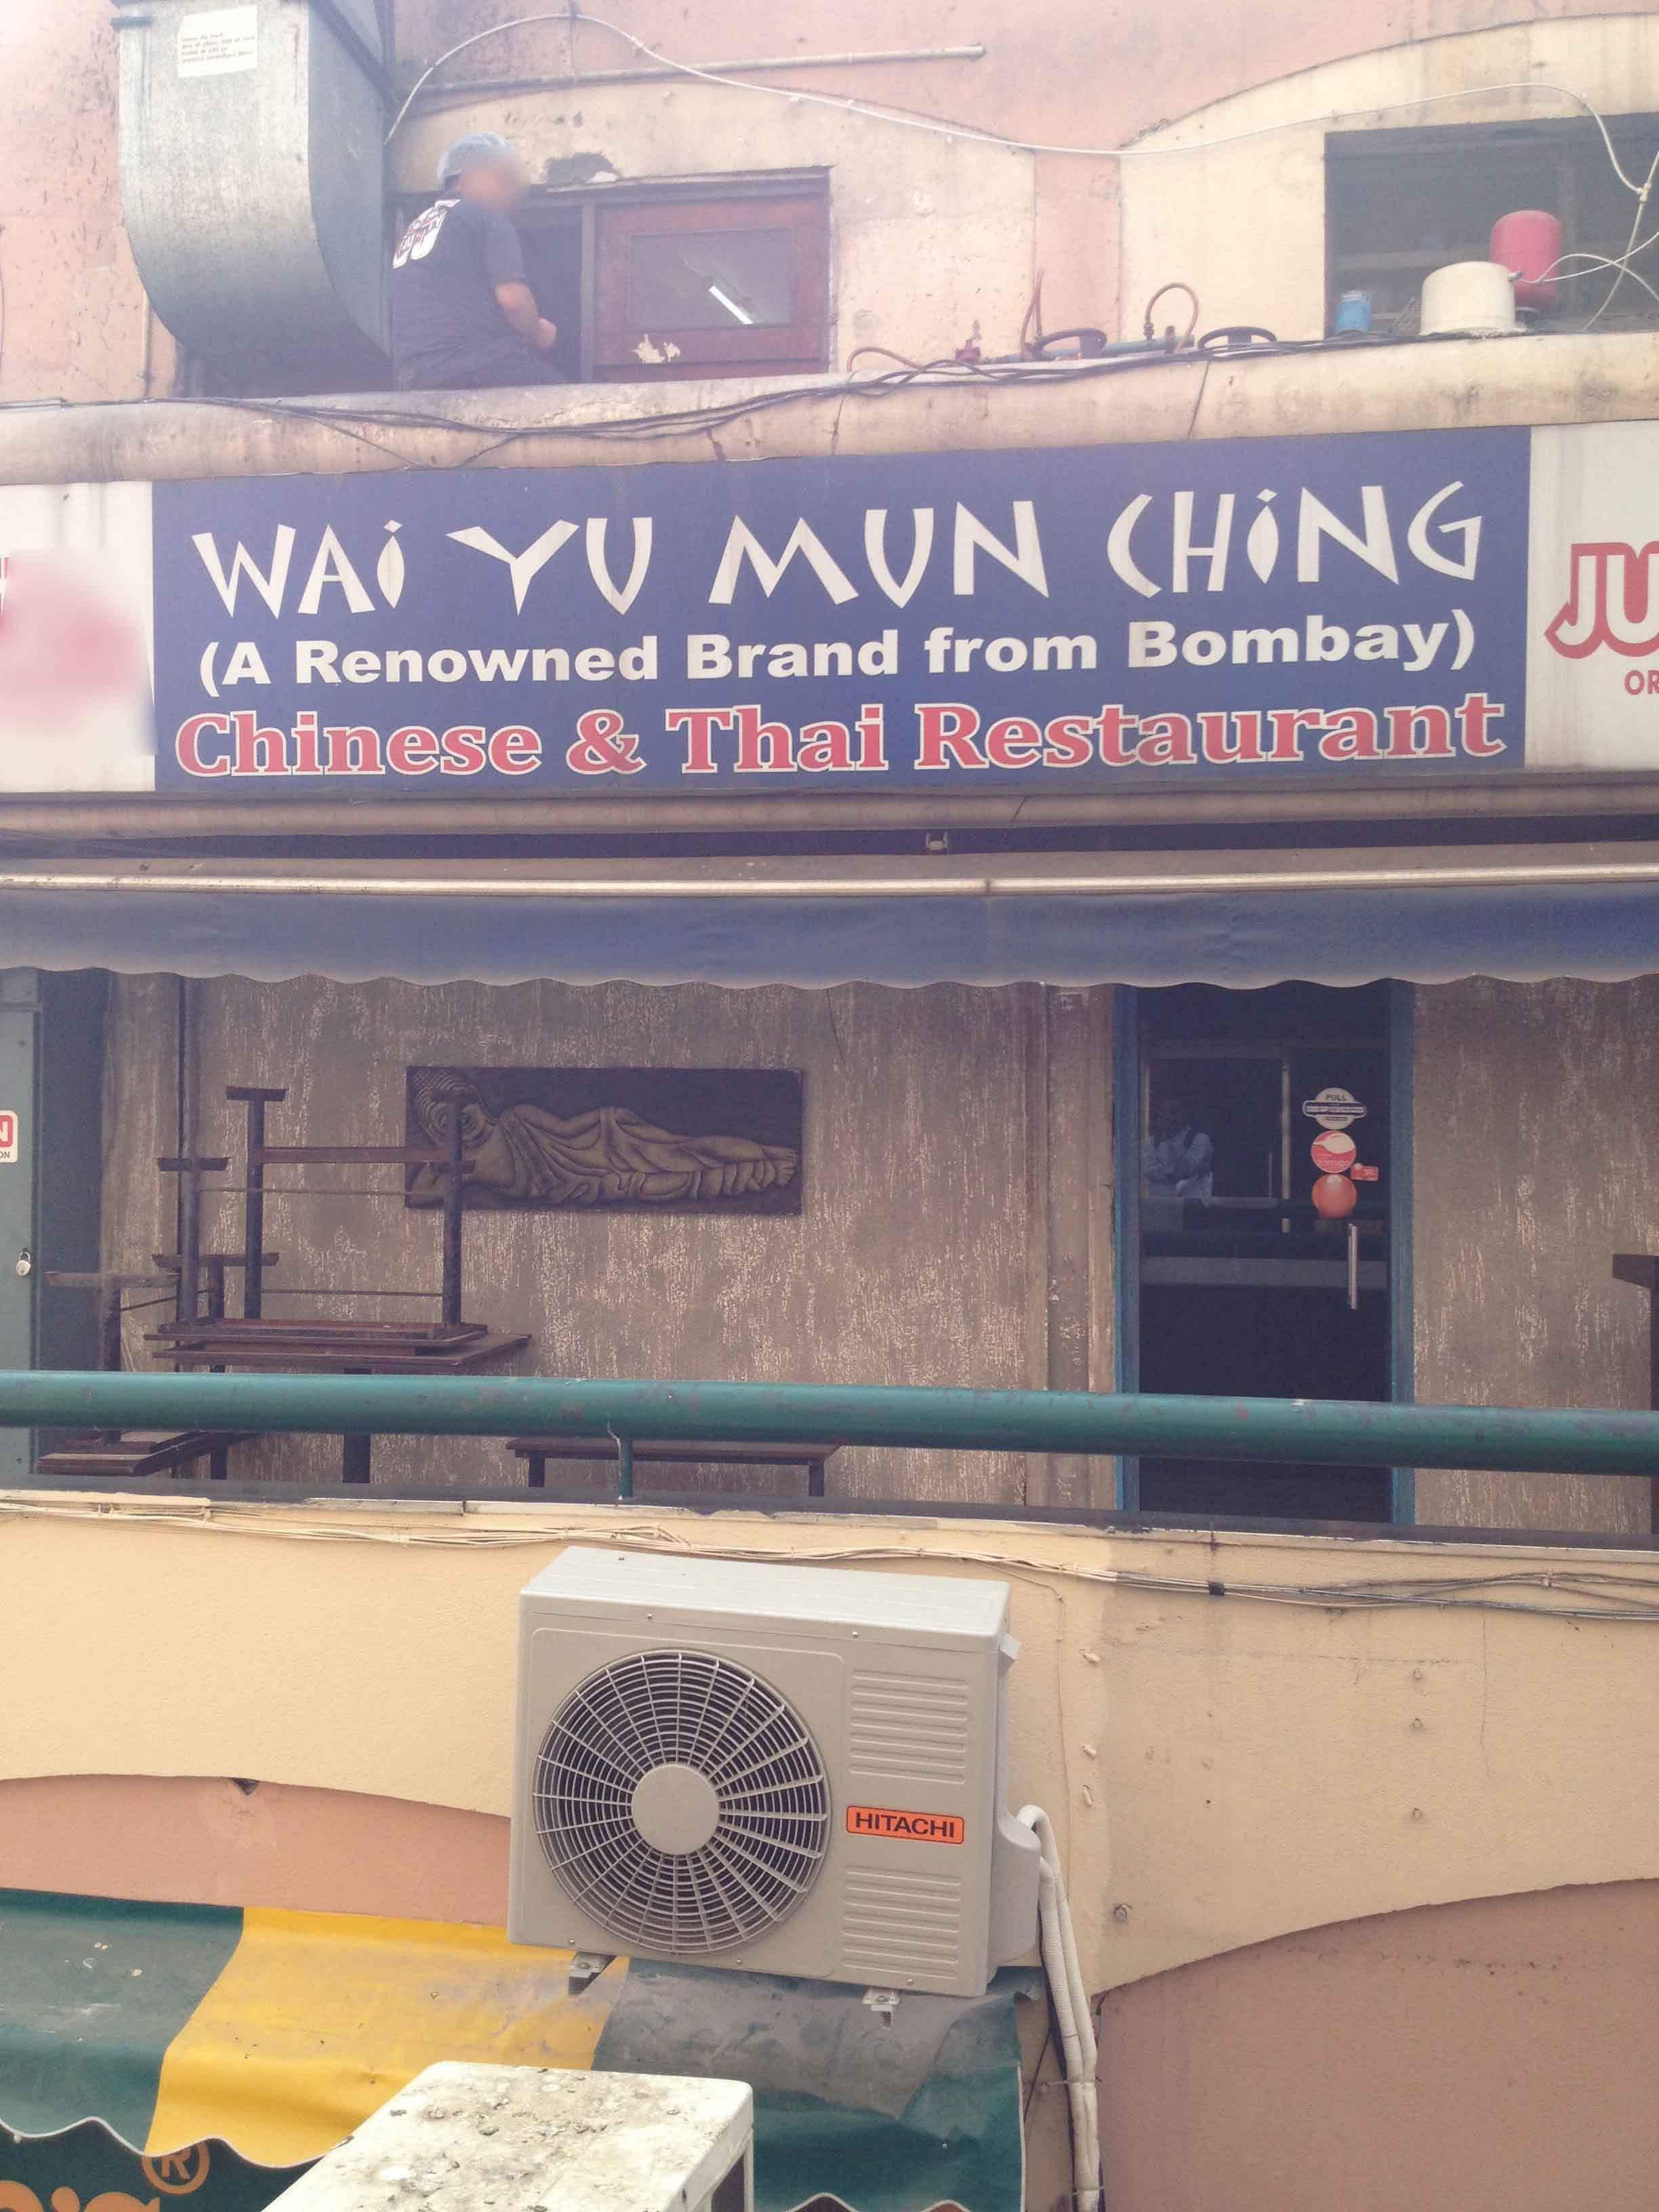 Wai Yu Kum Ching Übersetzung